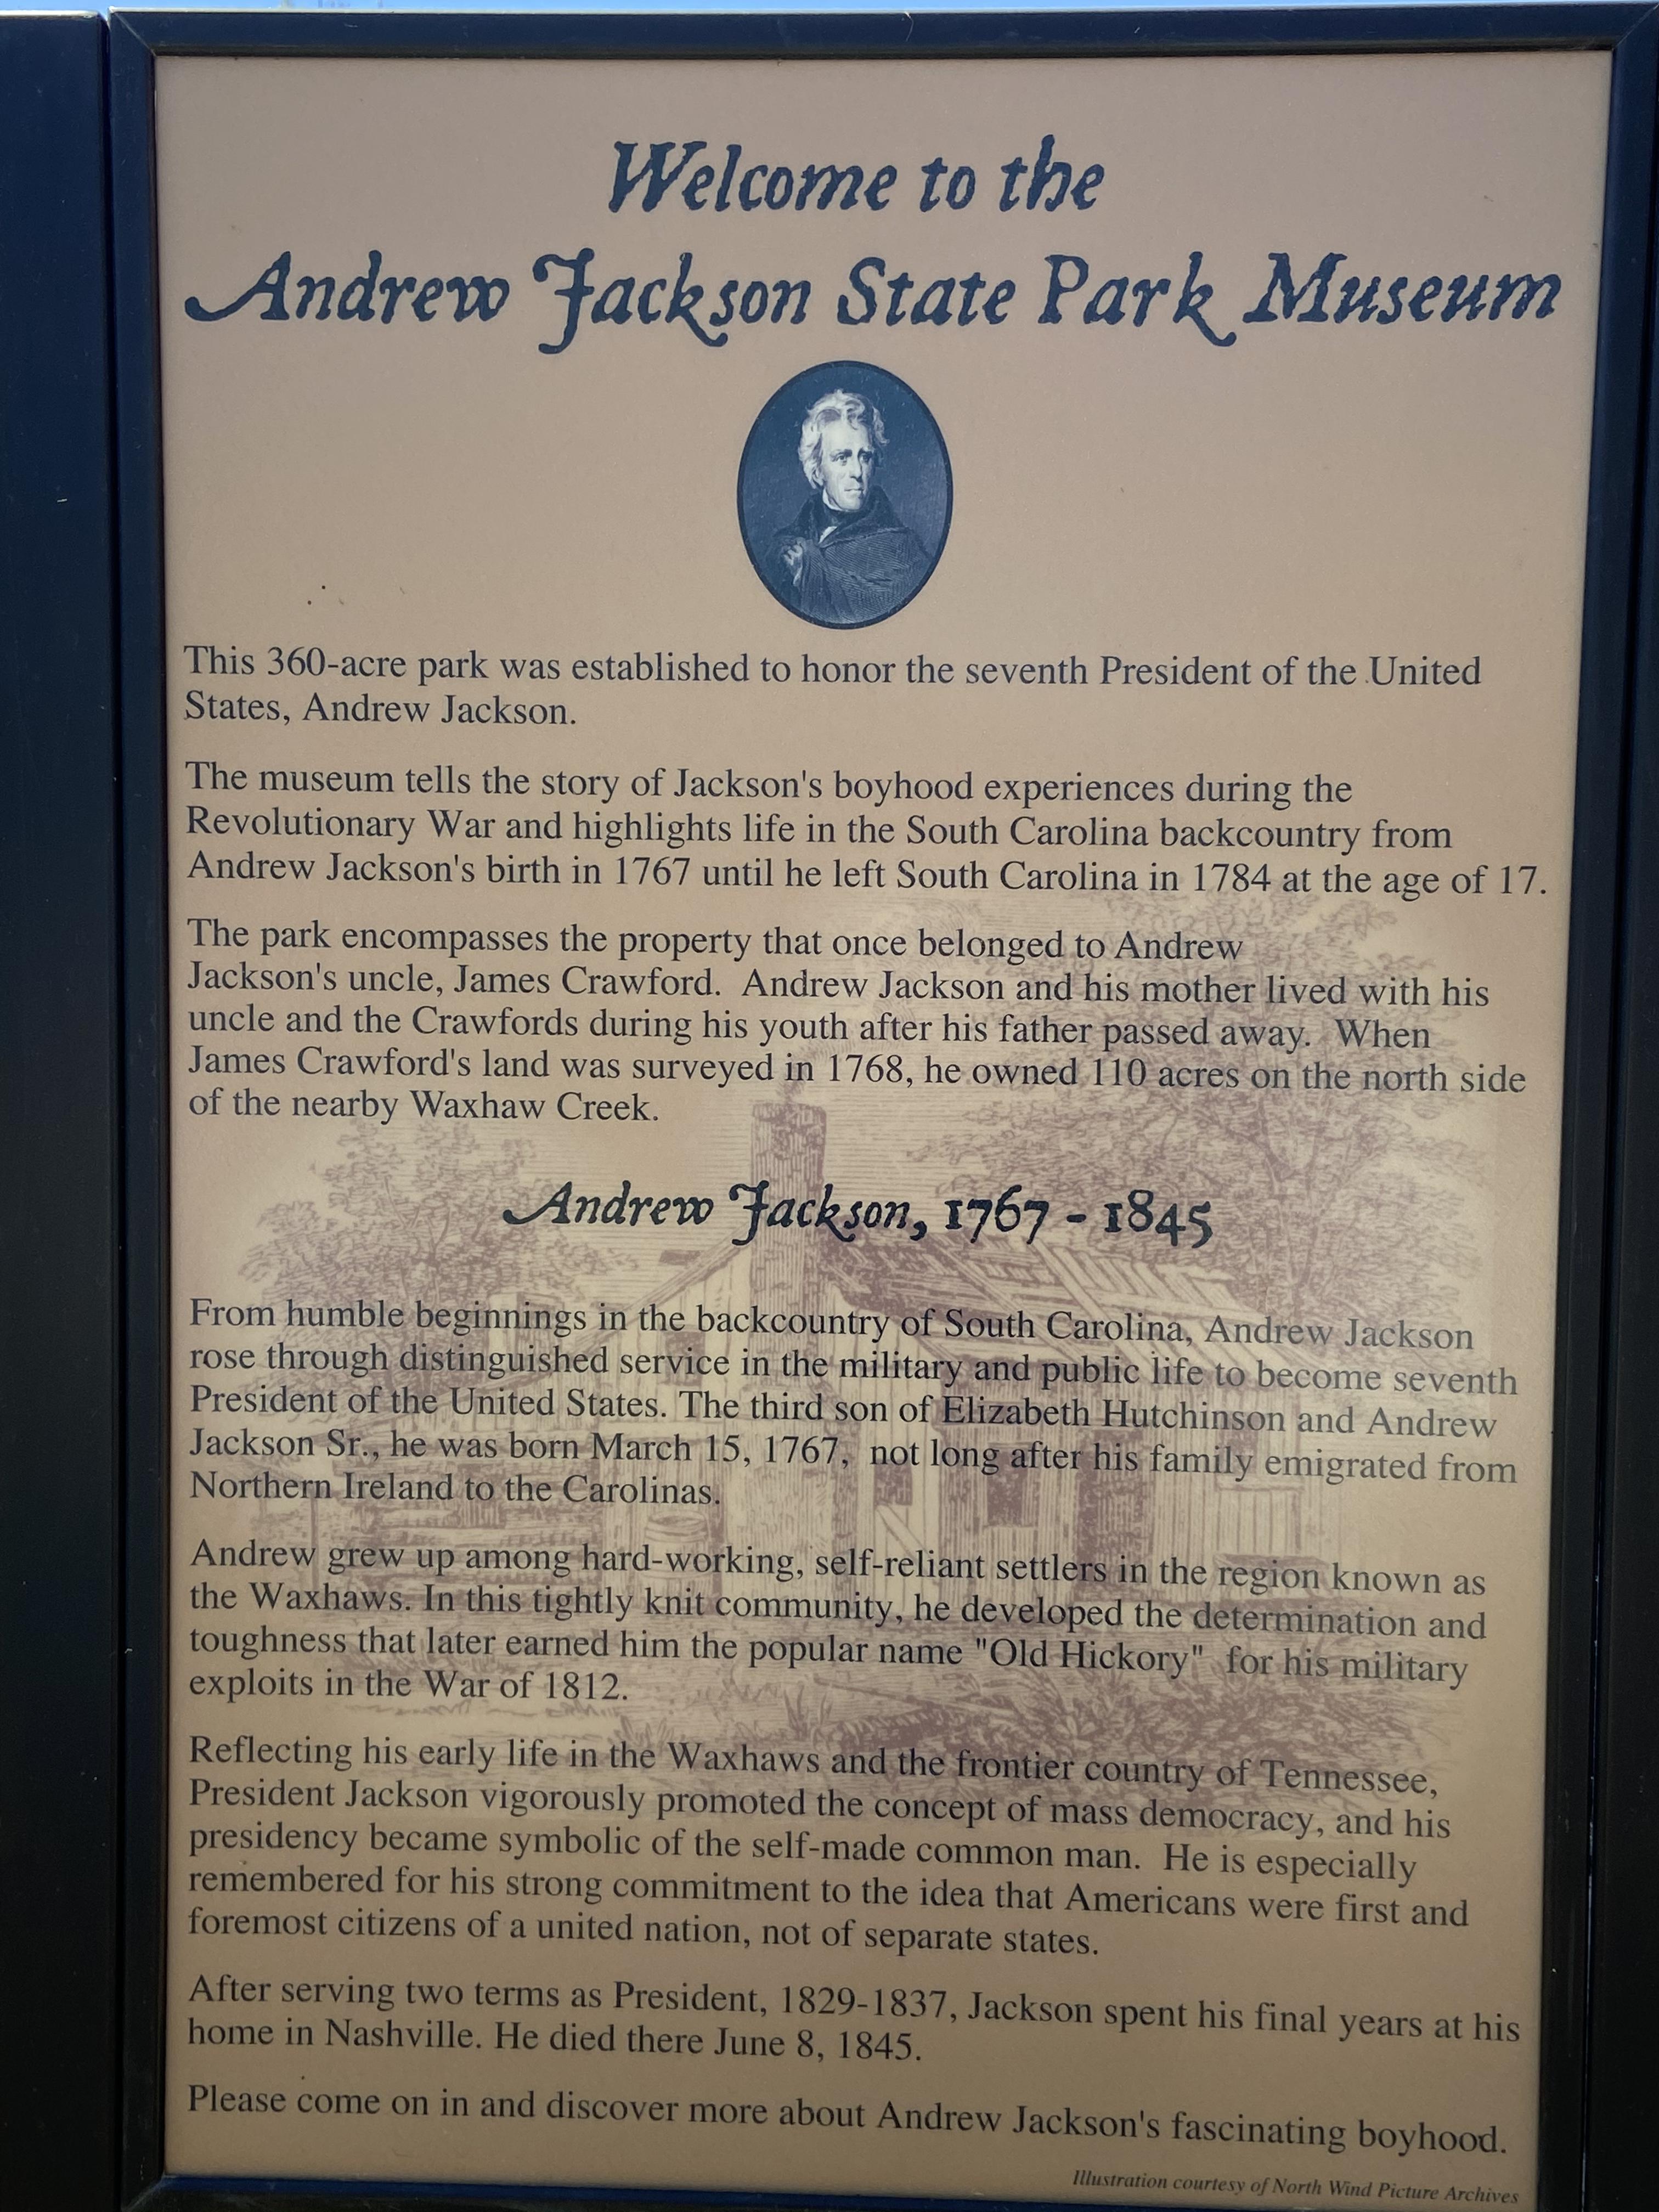 Font, Commemorative plaque, History, Publication